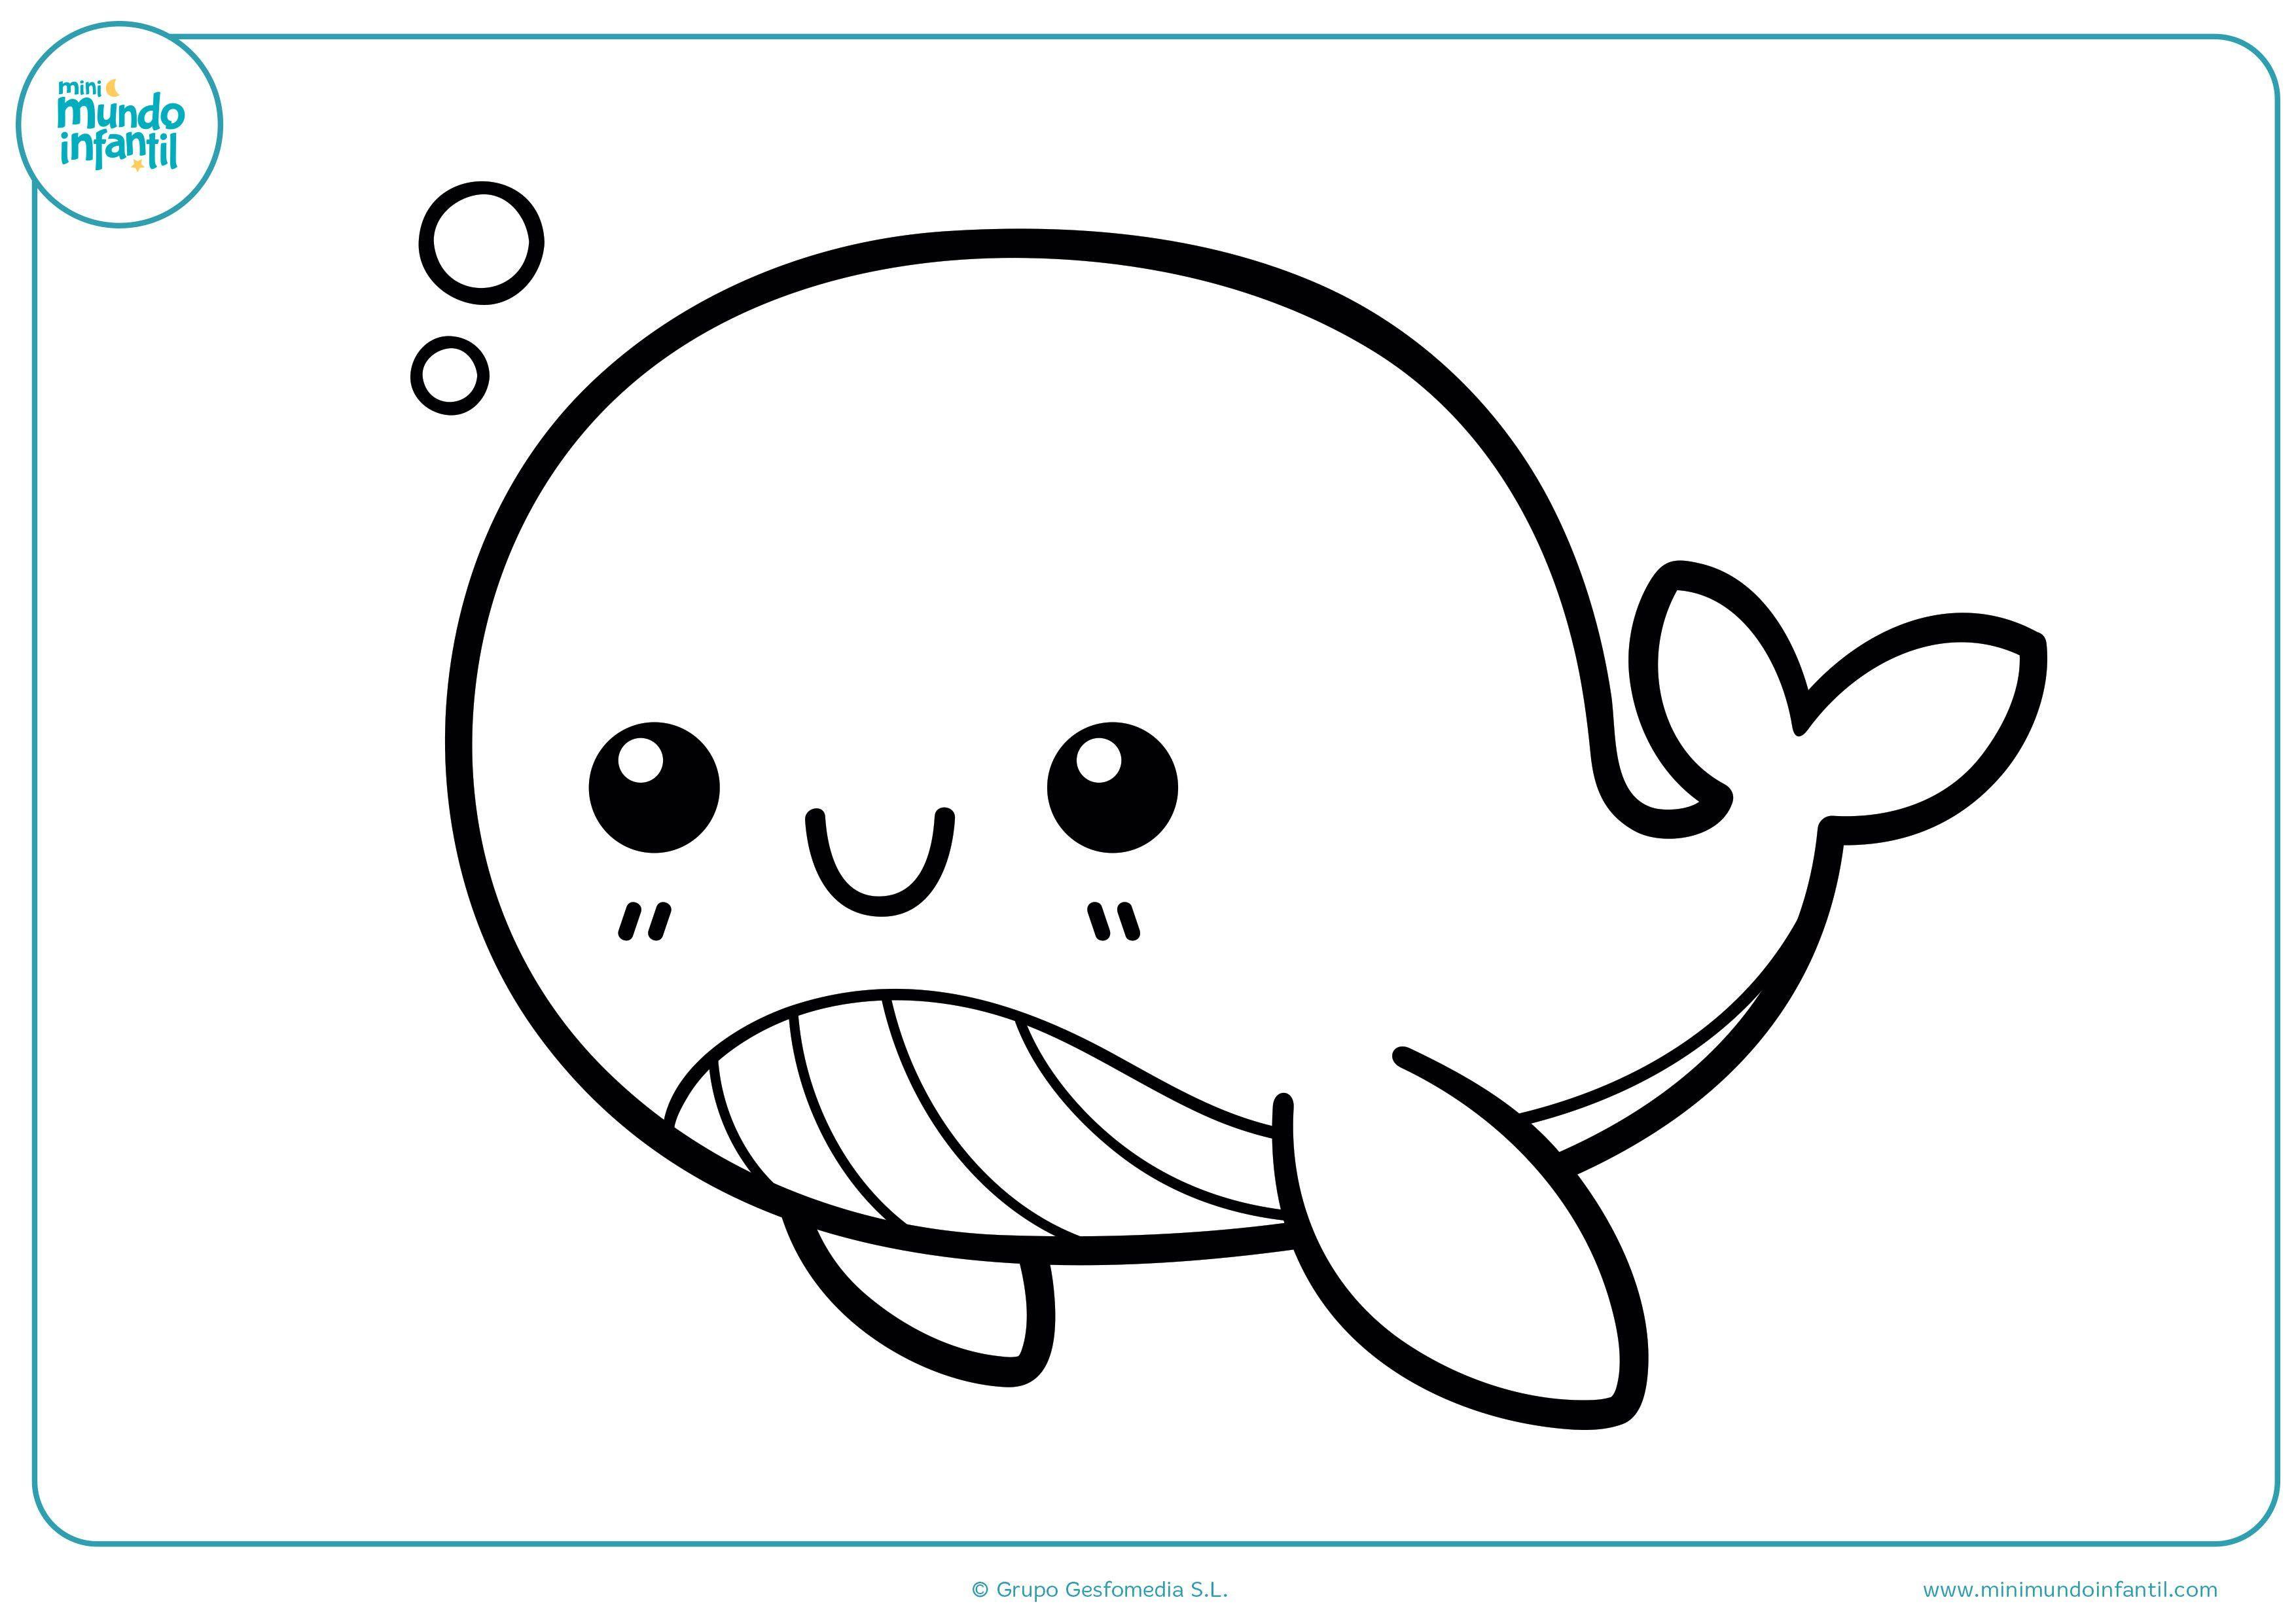 Dibujos Para Colorear De Animales Marinos Mundo Primario Dibujos Para C Animales Animados Para Colorear Animales Terrestres Para Colorear Animales Marinos